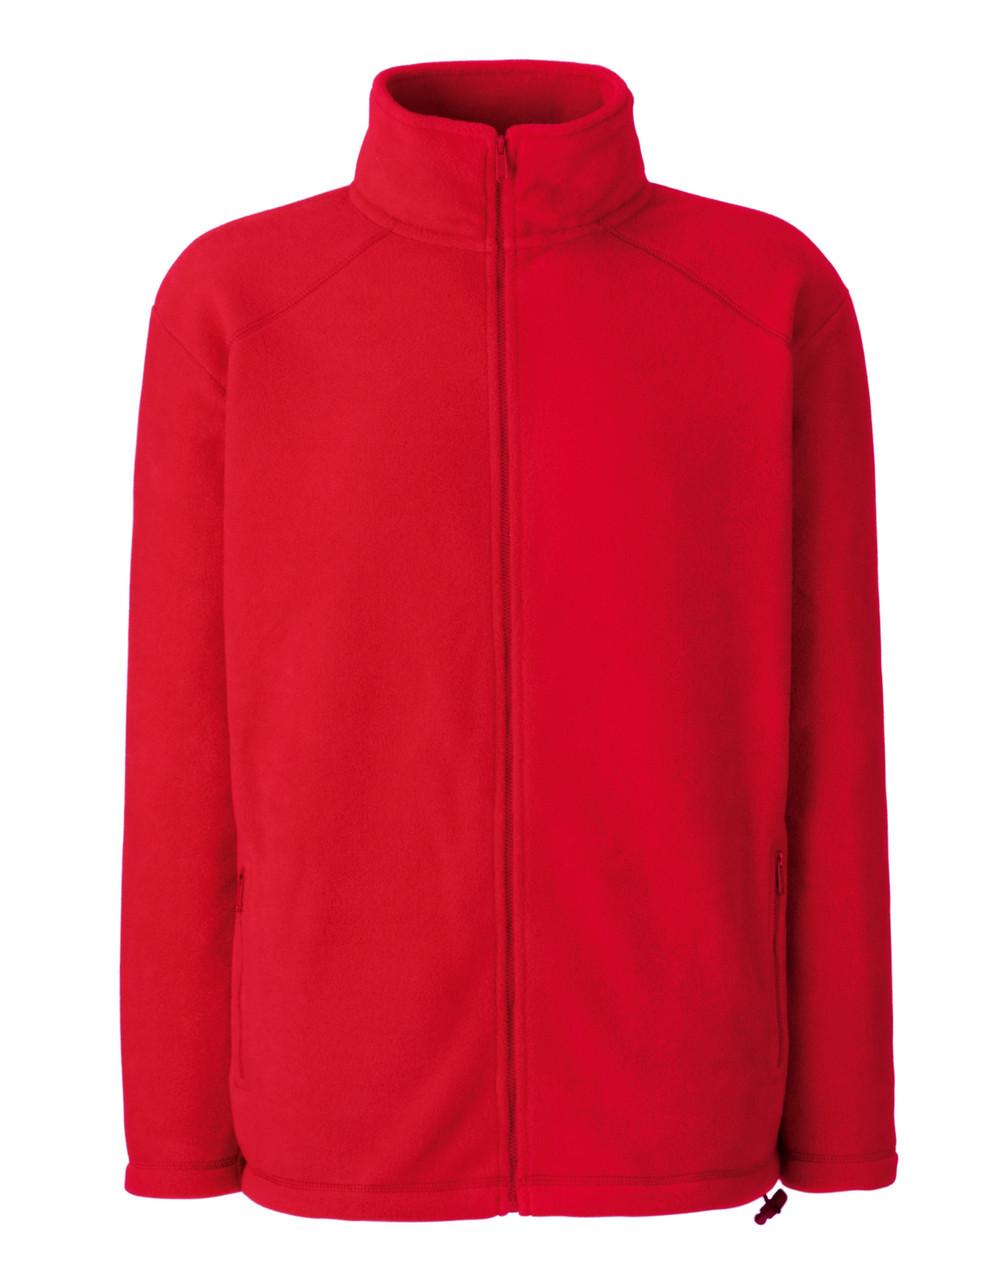 Мужской тёплый флис на молнии Красный Full Zip Fleece 62-510-40 XL